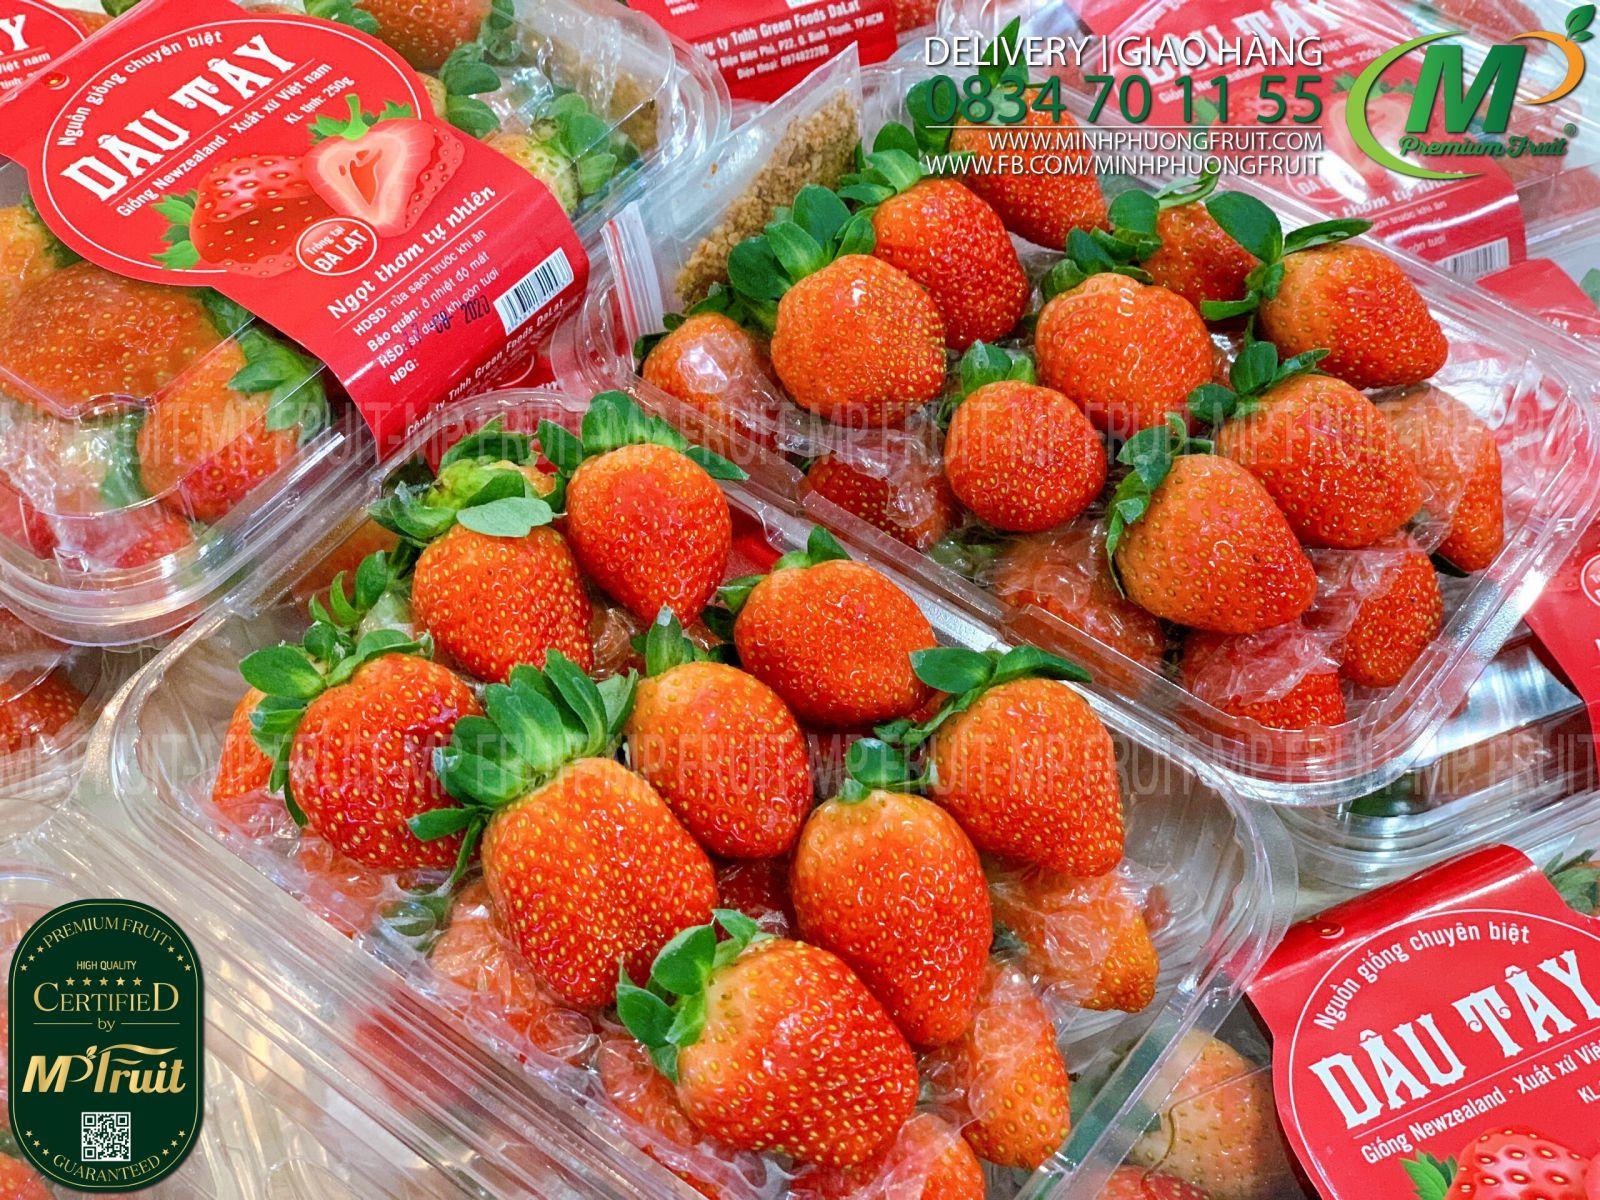 Dâu Tây Giống New Zealand tạp MP Fruits